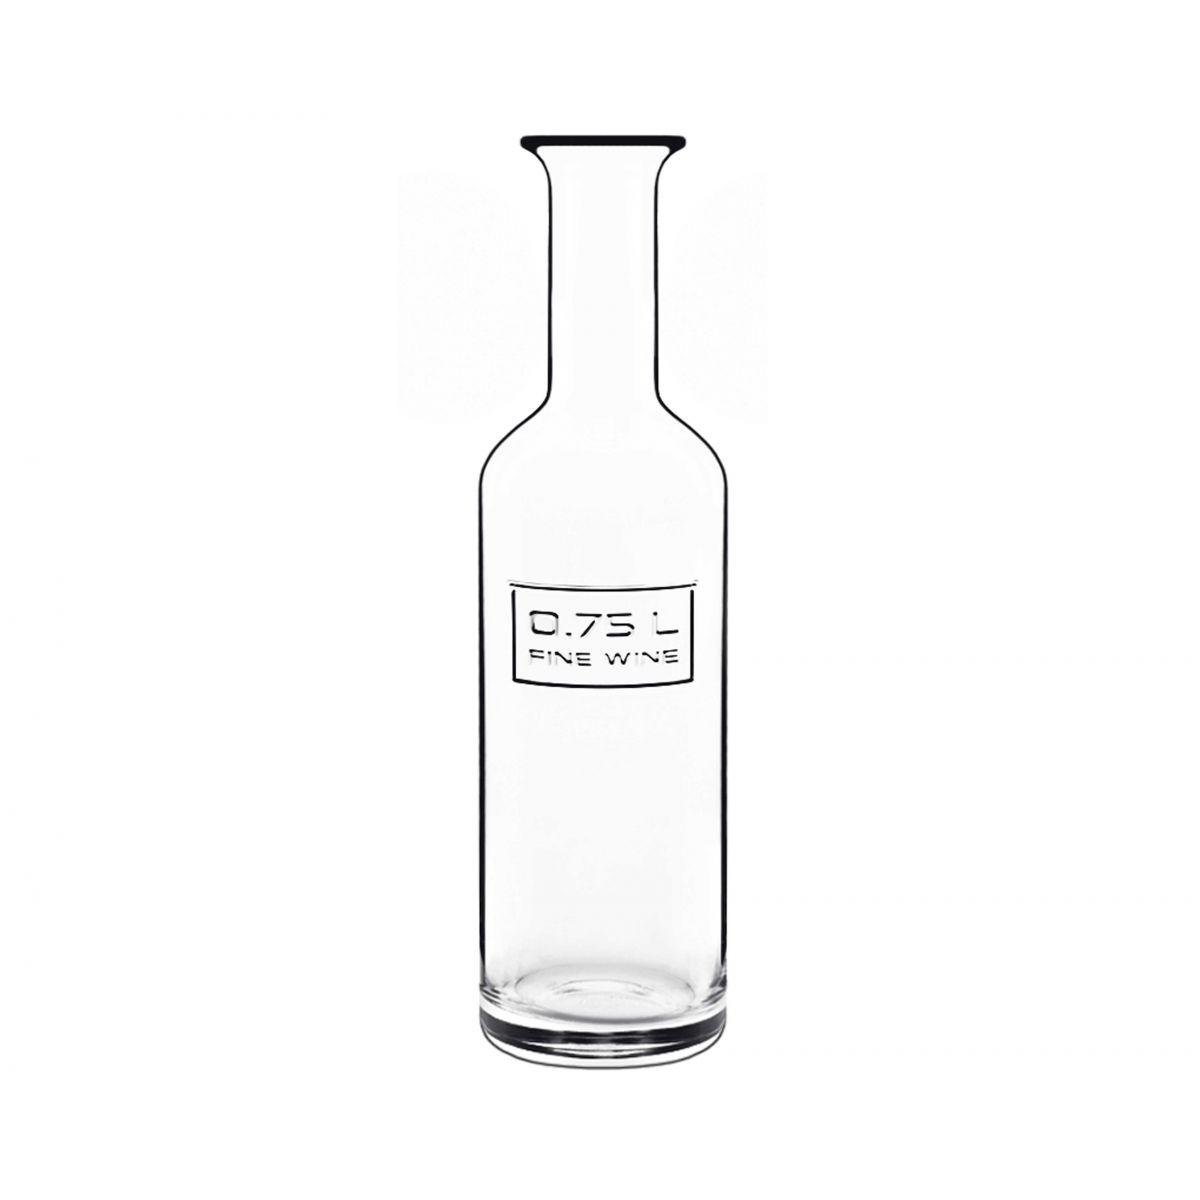 GARRAFA OPTIMA FINE WINE - 750 ML